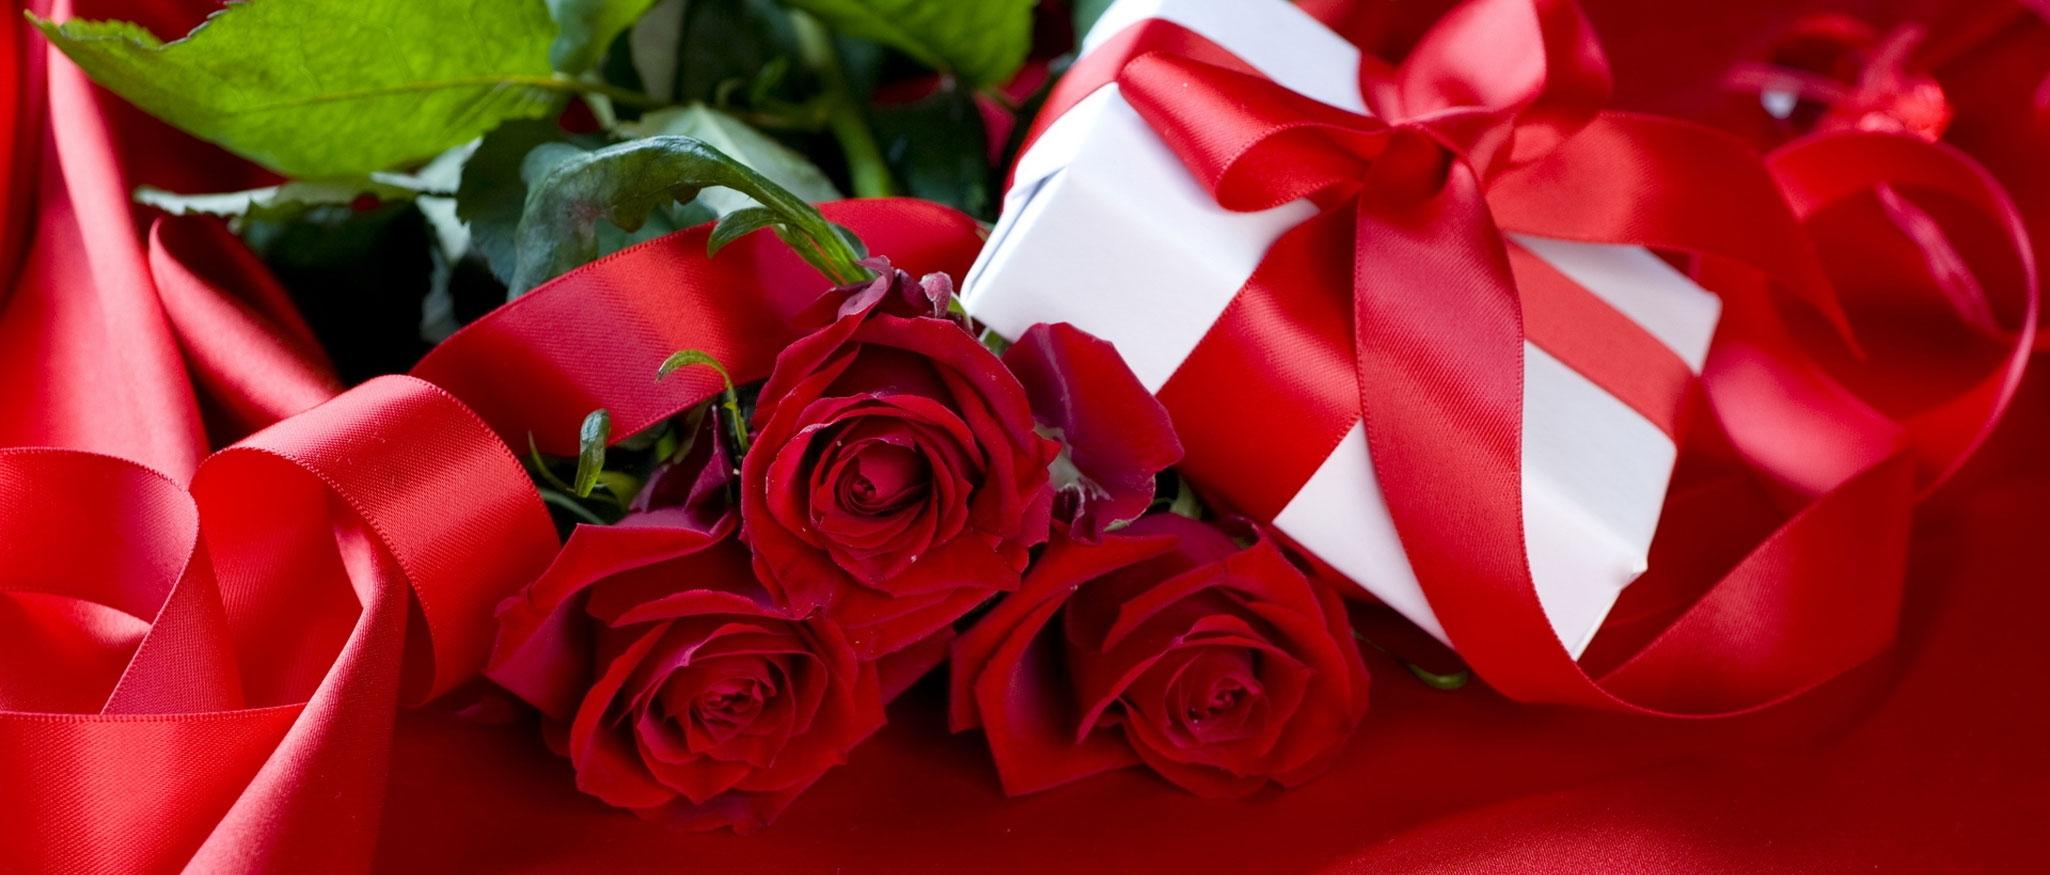 Δείτε τις προτάσεις μας για δώρα αγάπης